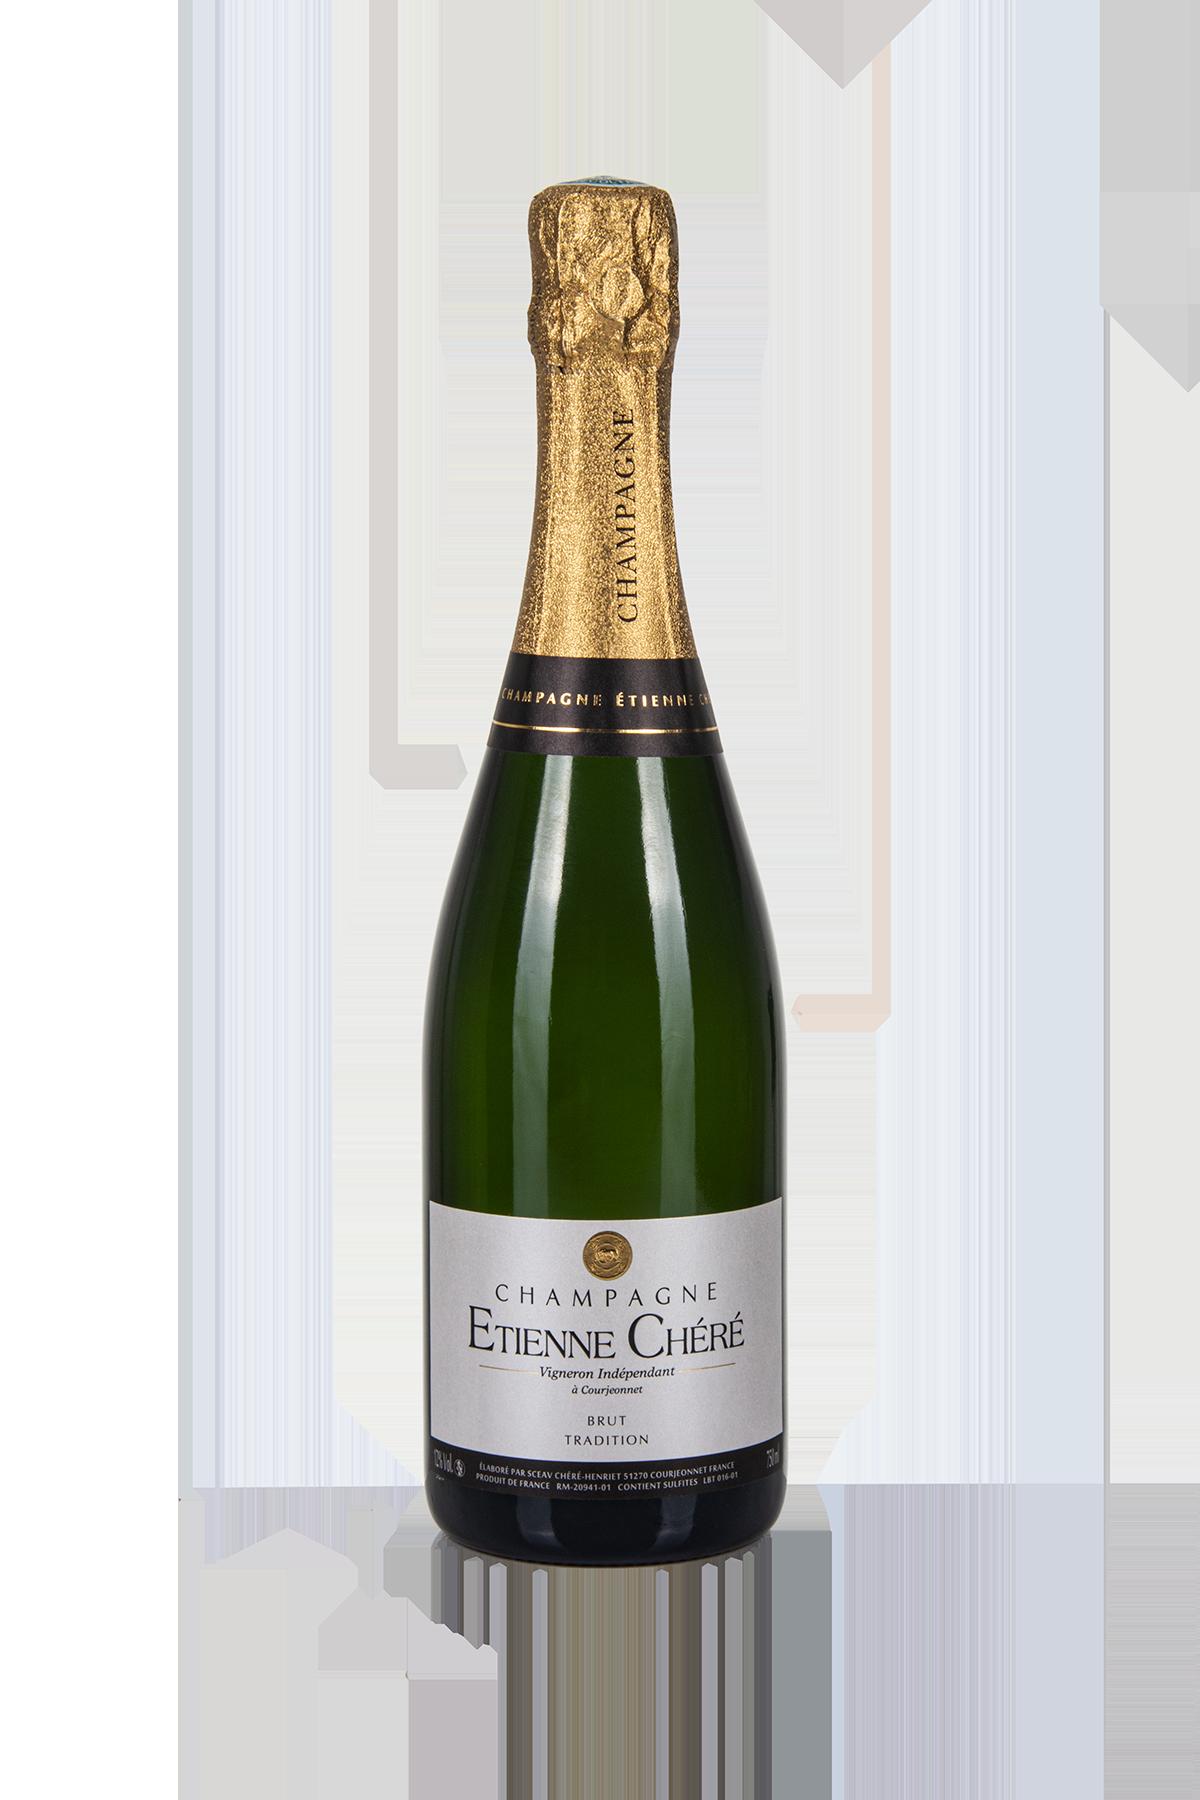 Das Bild zeigt die Flasche Champagne AOC Brut Etienne Chéré cuvée Tradition